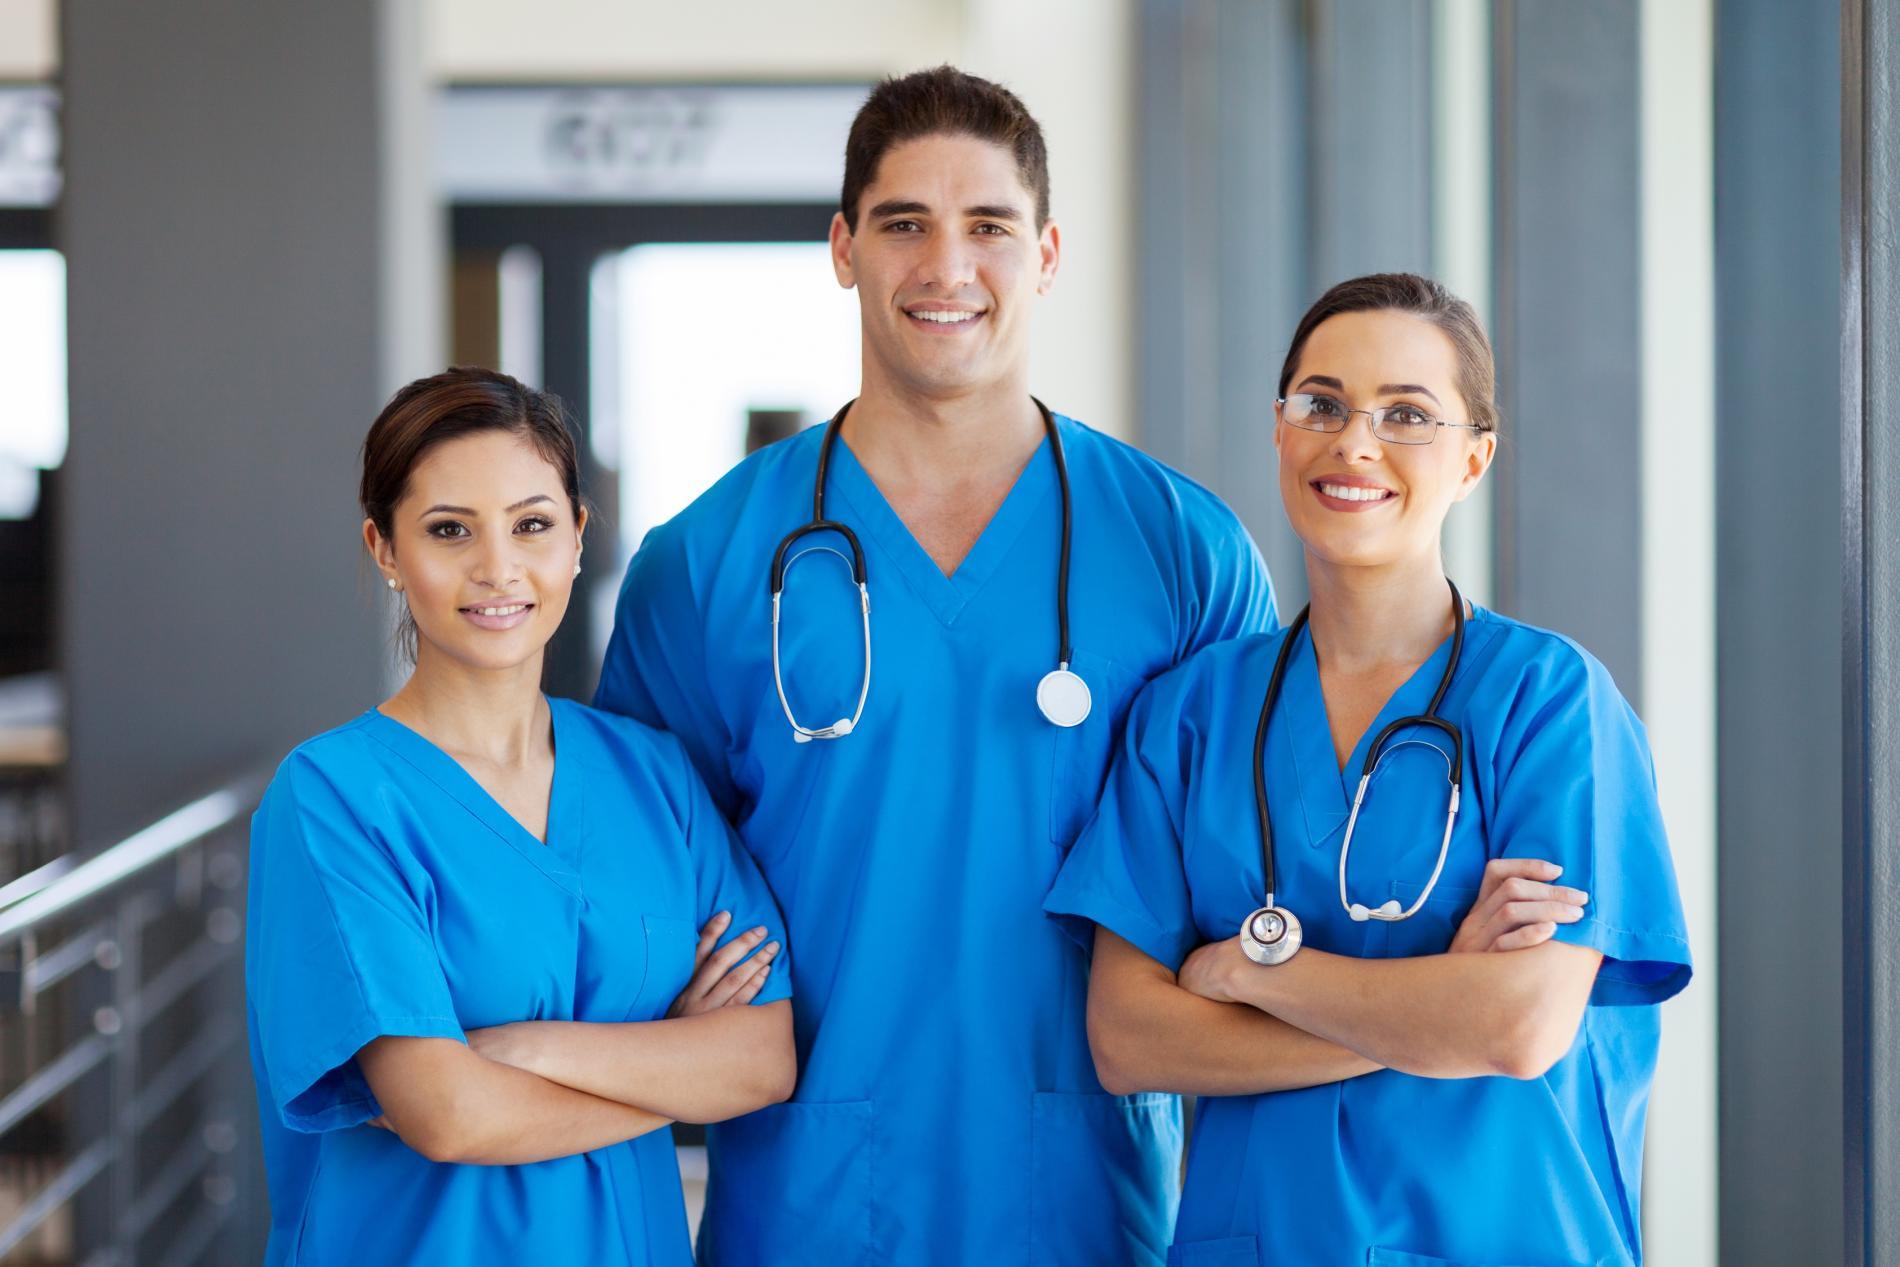 Técnicos de trasplantes capilares femeninos y masculinos con bata en un hospital